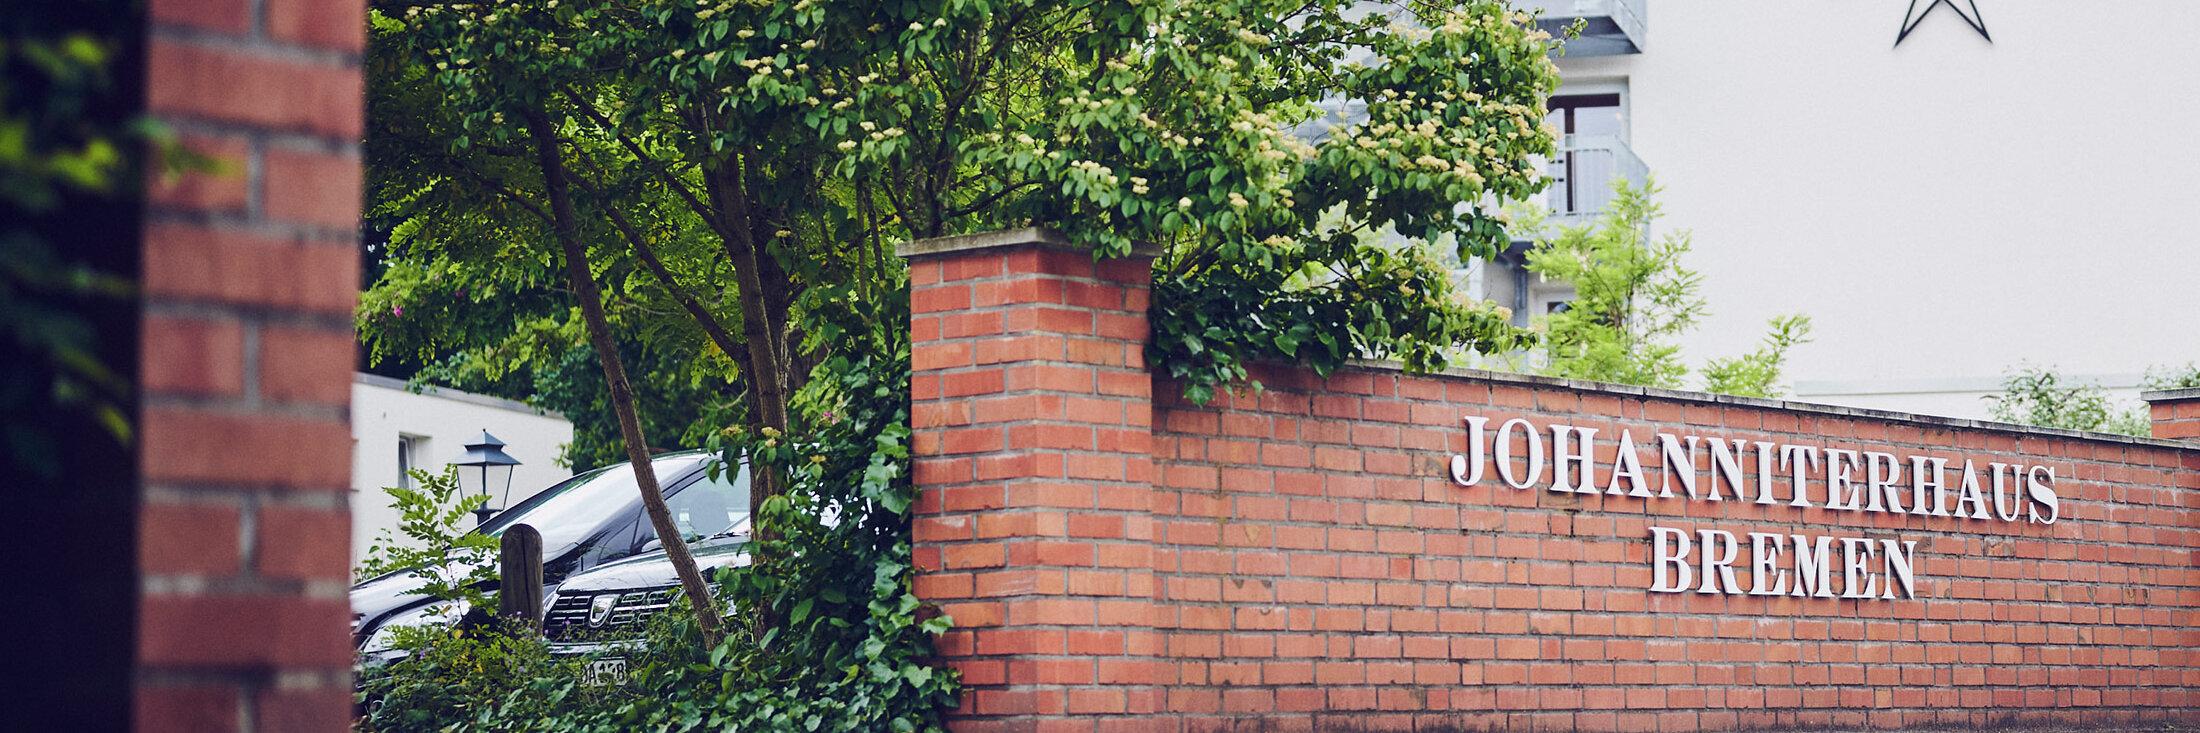 Auffahrt zum Parkplatz des Johanniterhaus Bremen.